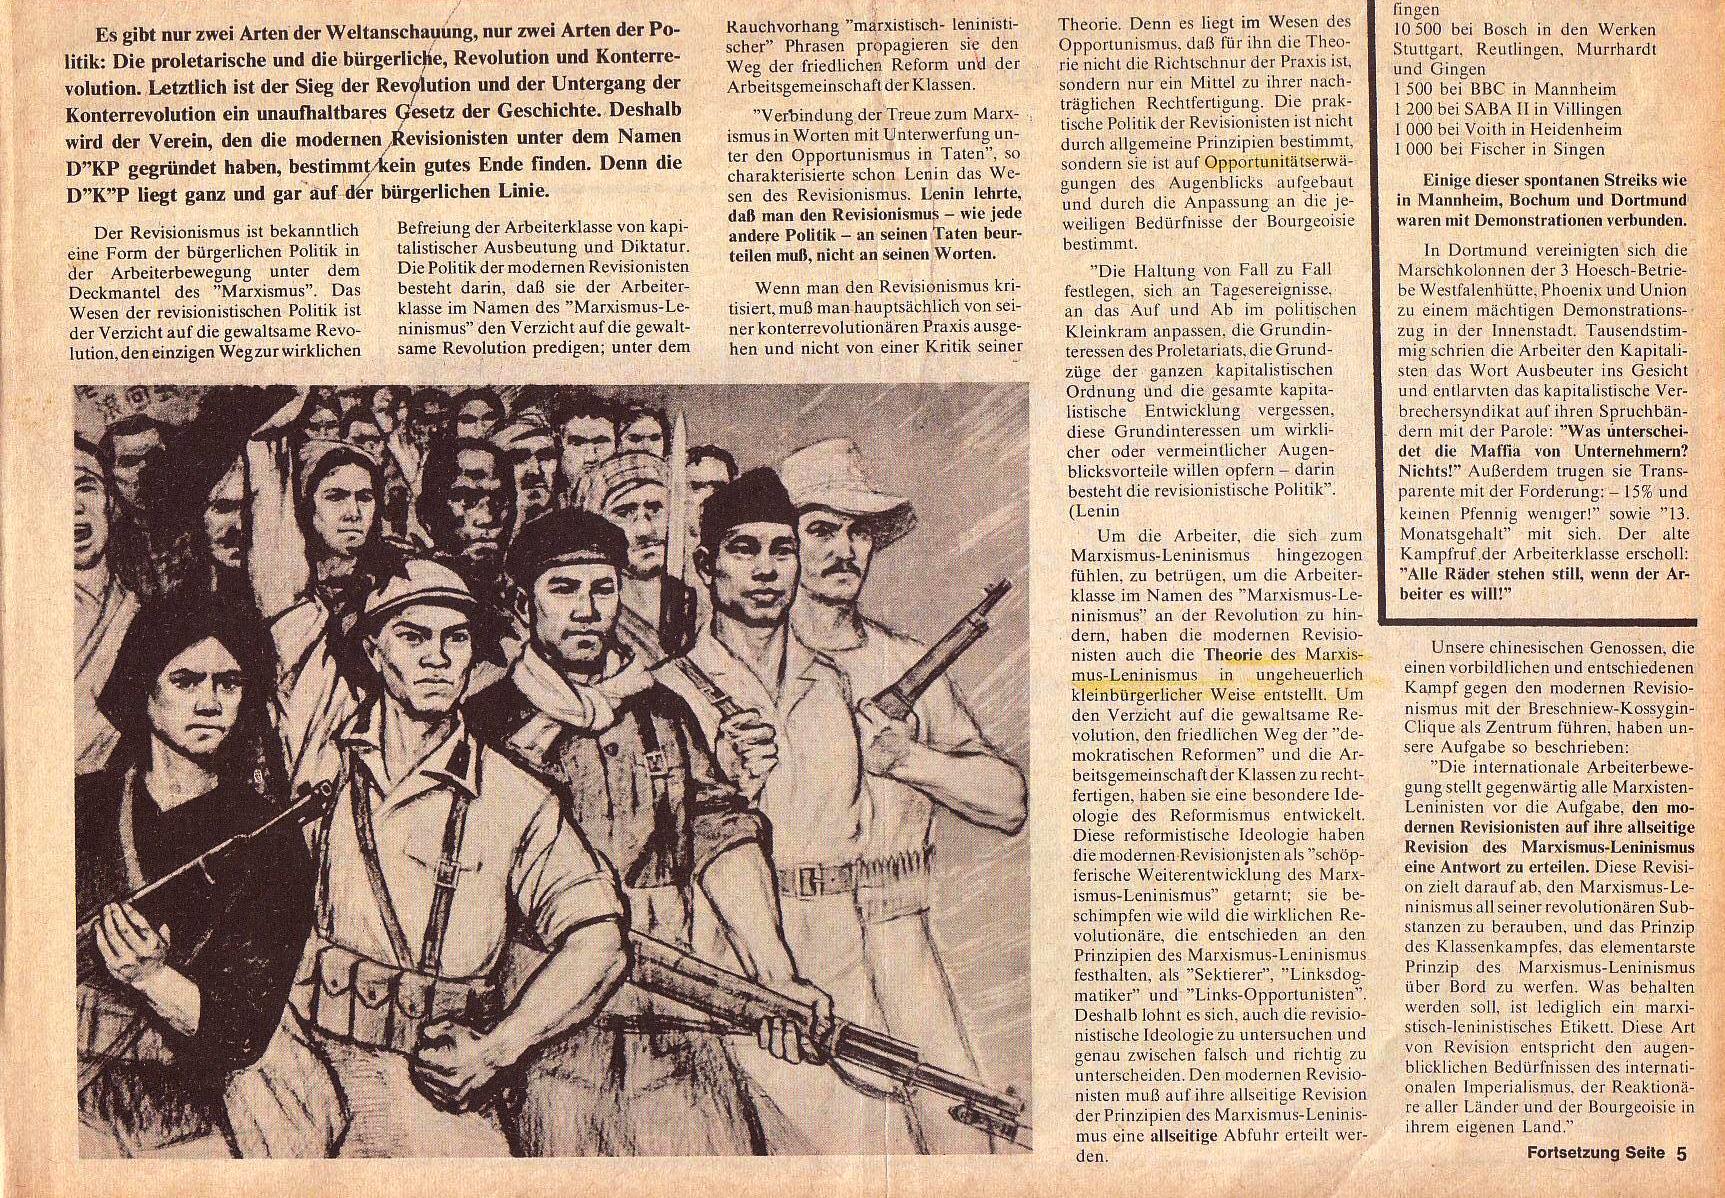 Roter Morgen, 4. Jg., Oktober 1970, Nr. 9, Seite 1b